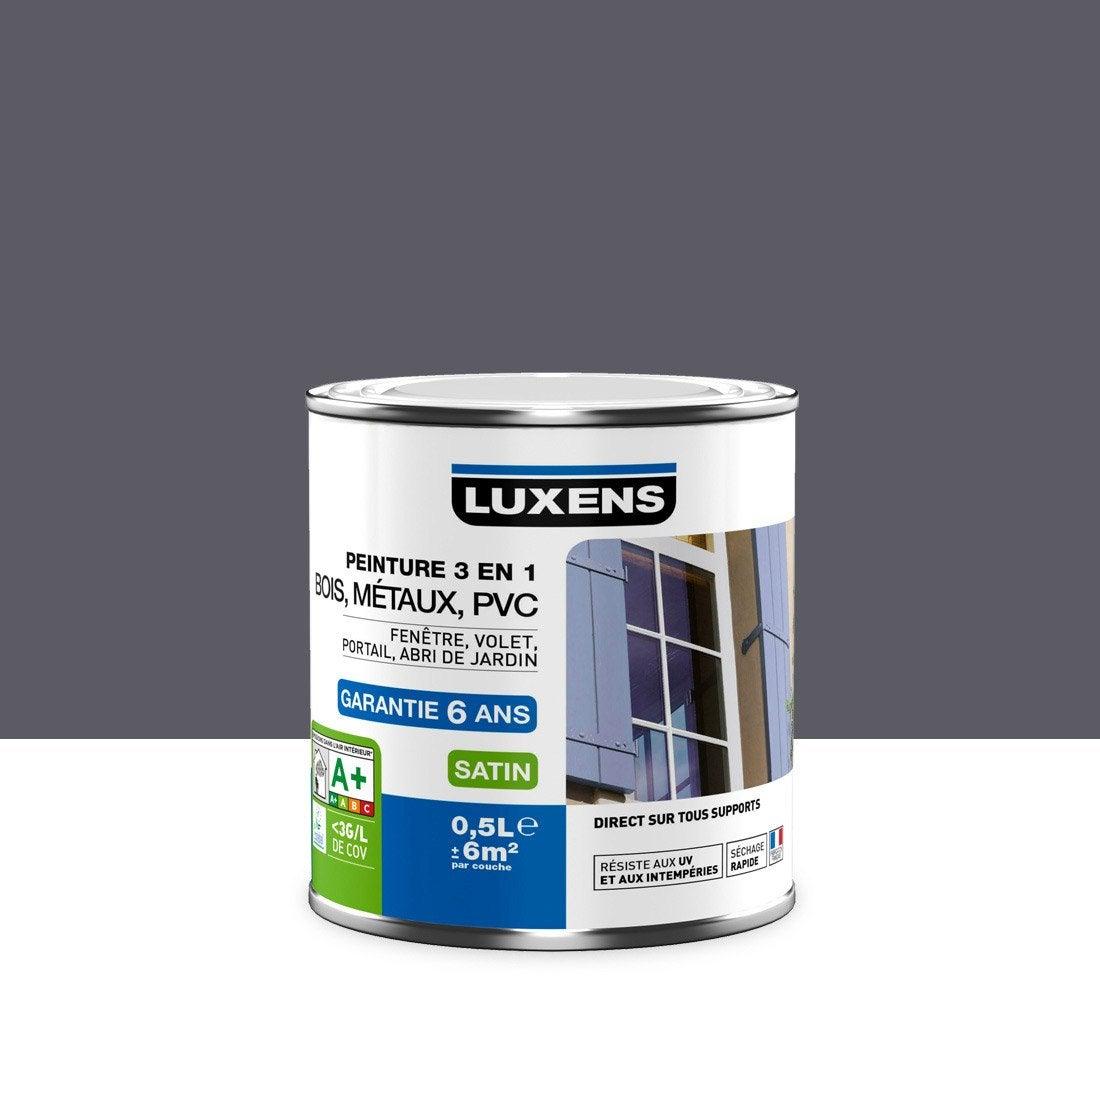 Peinture multimat riaux ext rieur 3en1 luxens satin gris - Peinture leroy merlin luxens ...